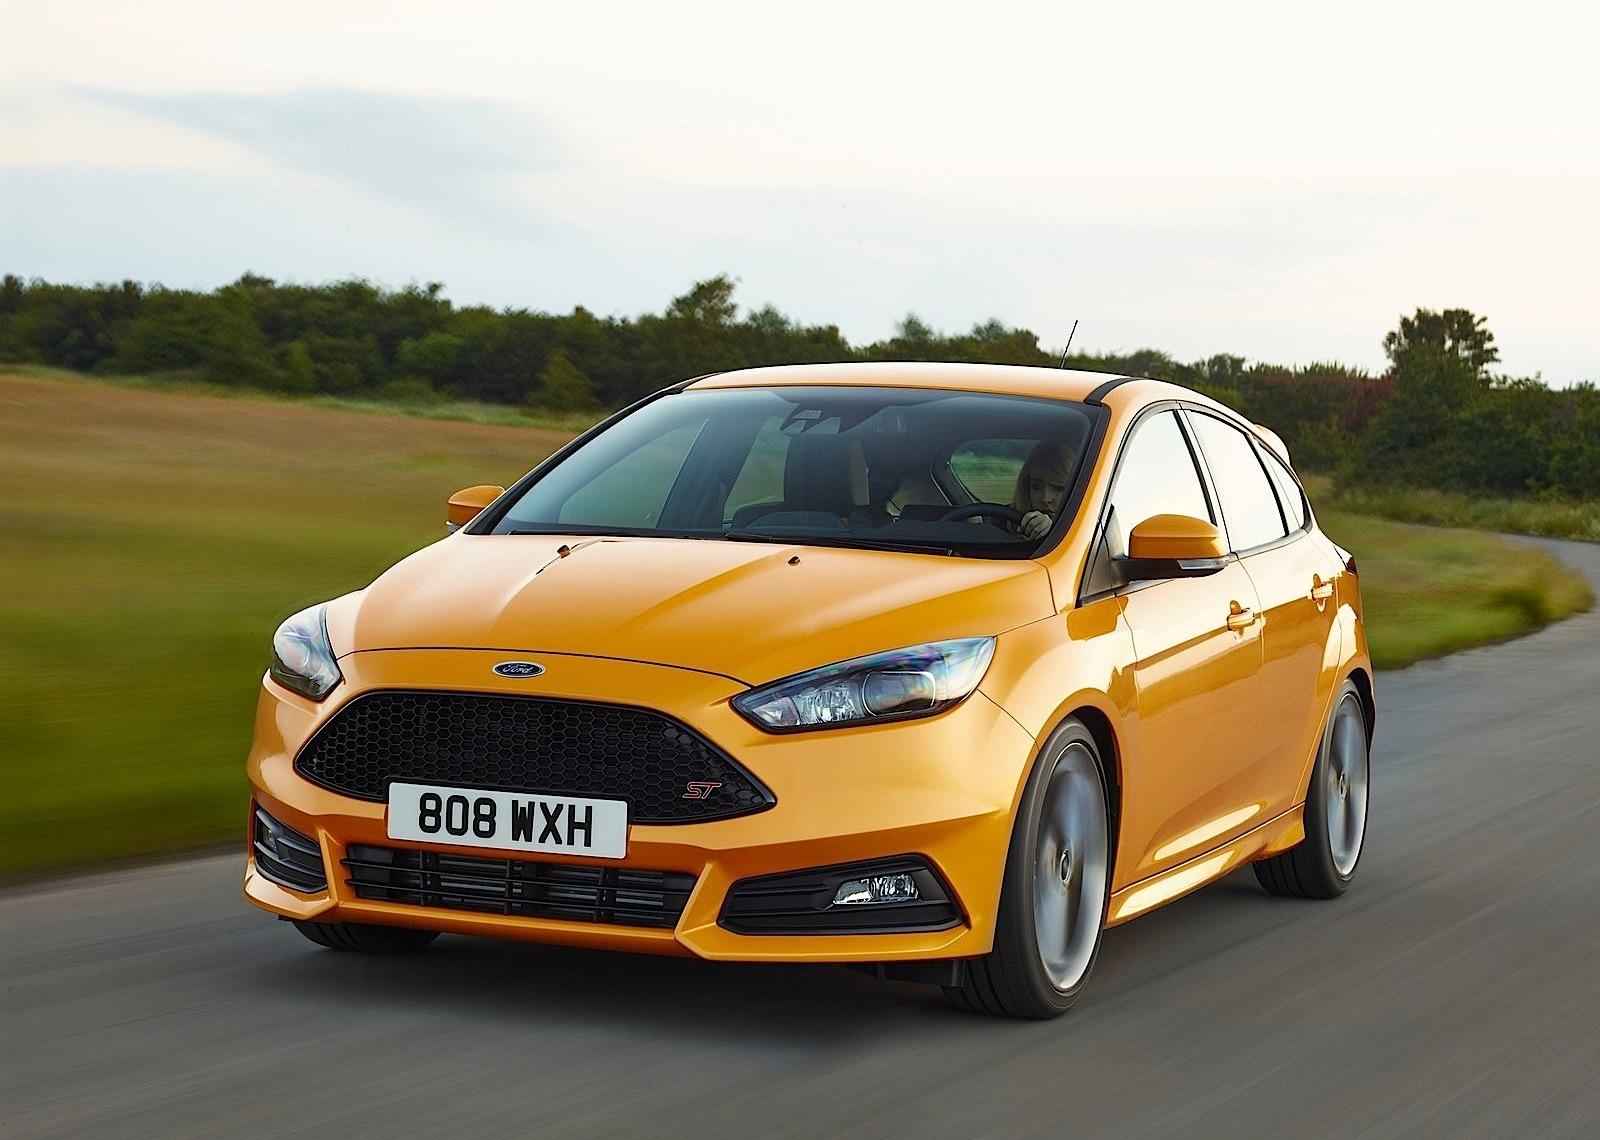 Ford Focus Rims >> FORD Focus ST 5 Doors - 2014, 2015, 2016, 2017 - autoevolution